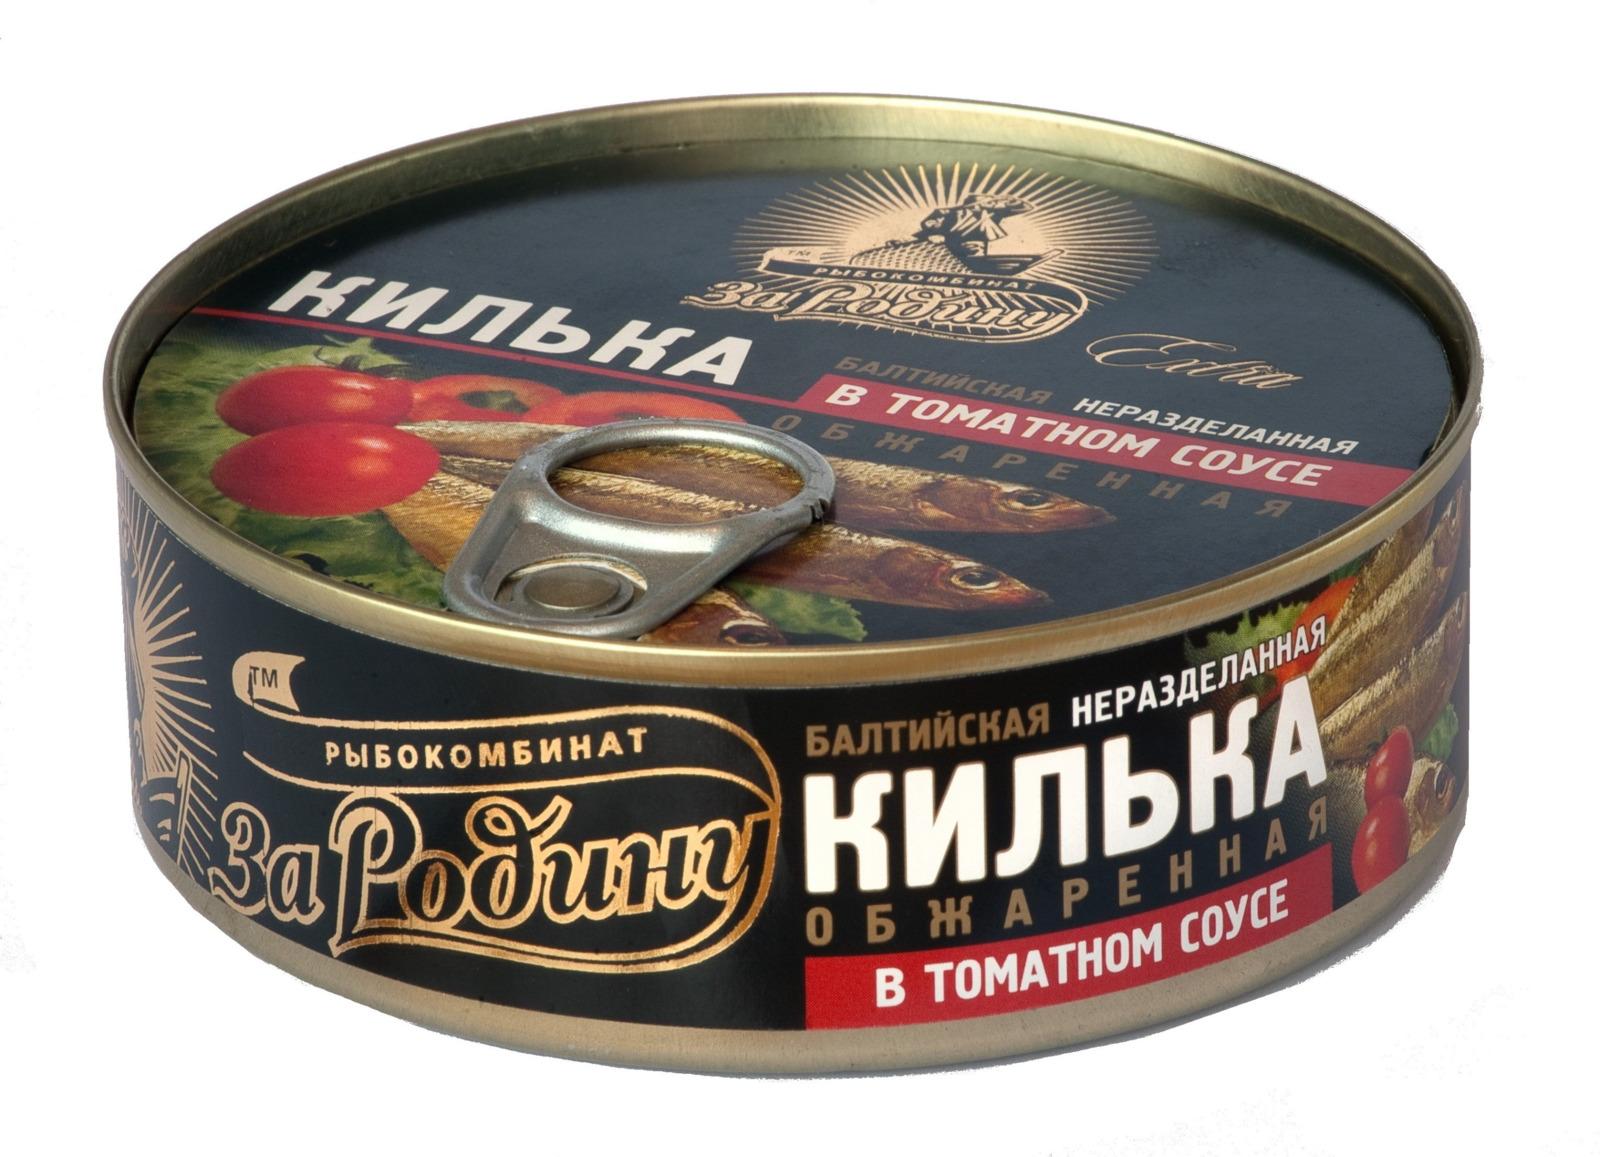 Килька За Родину обжаренная, балтийская, неразделанная в томатном соусе, 240 г бычки аквамарин в томатном соусе 240 г